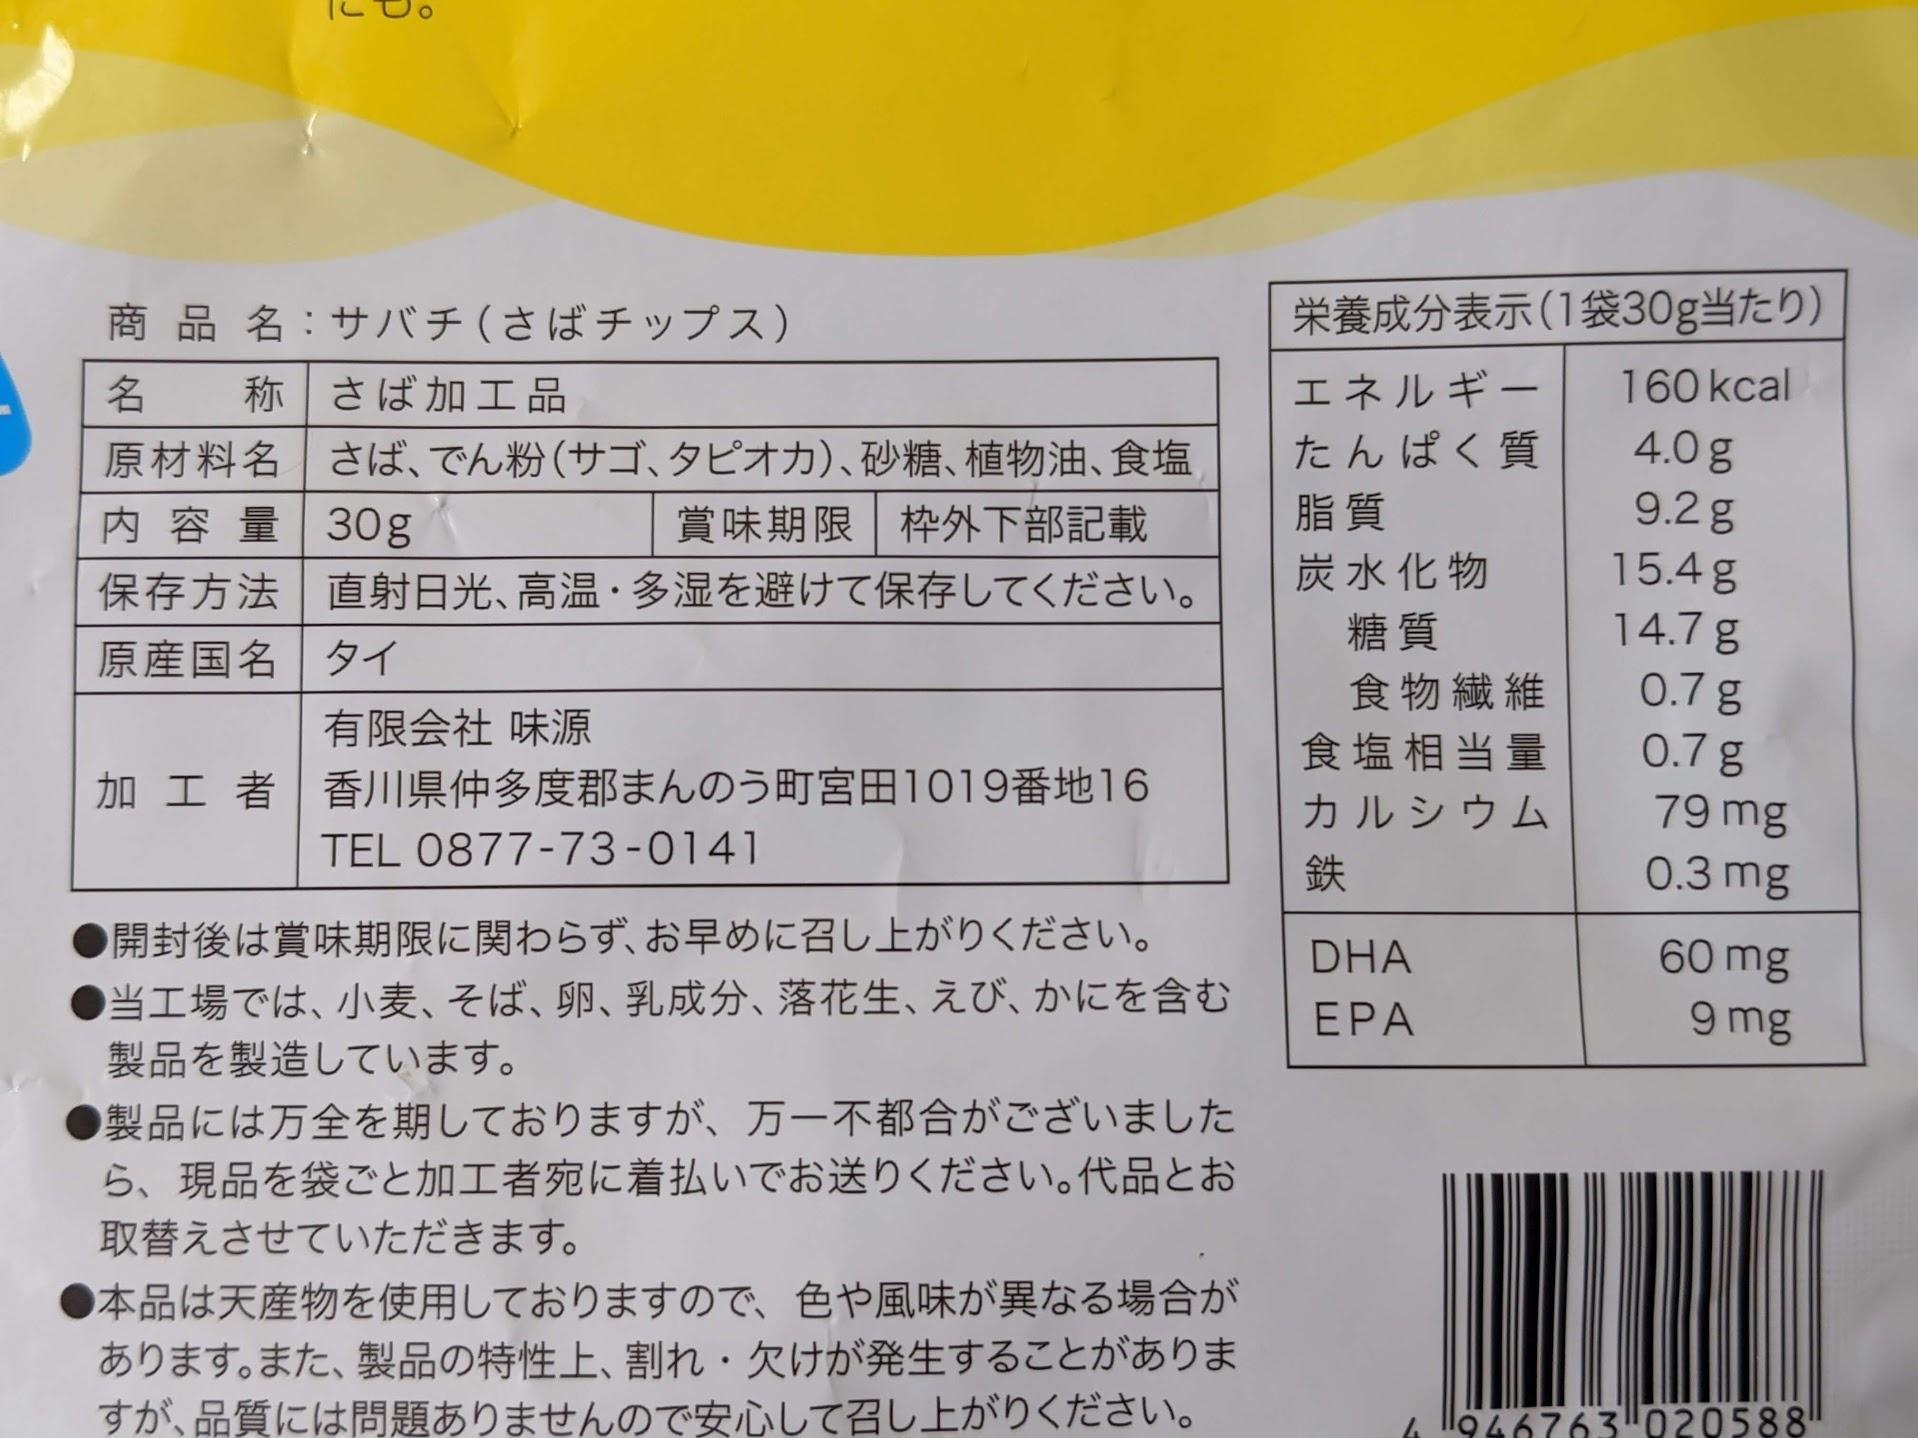 味源 サバチ 栄養成分表示